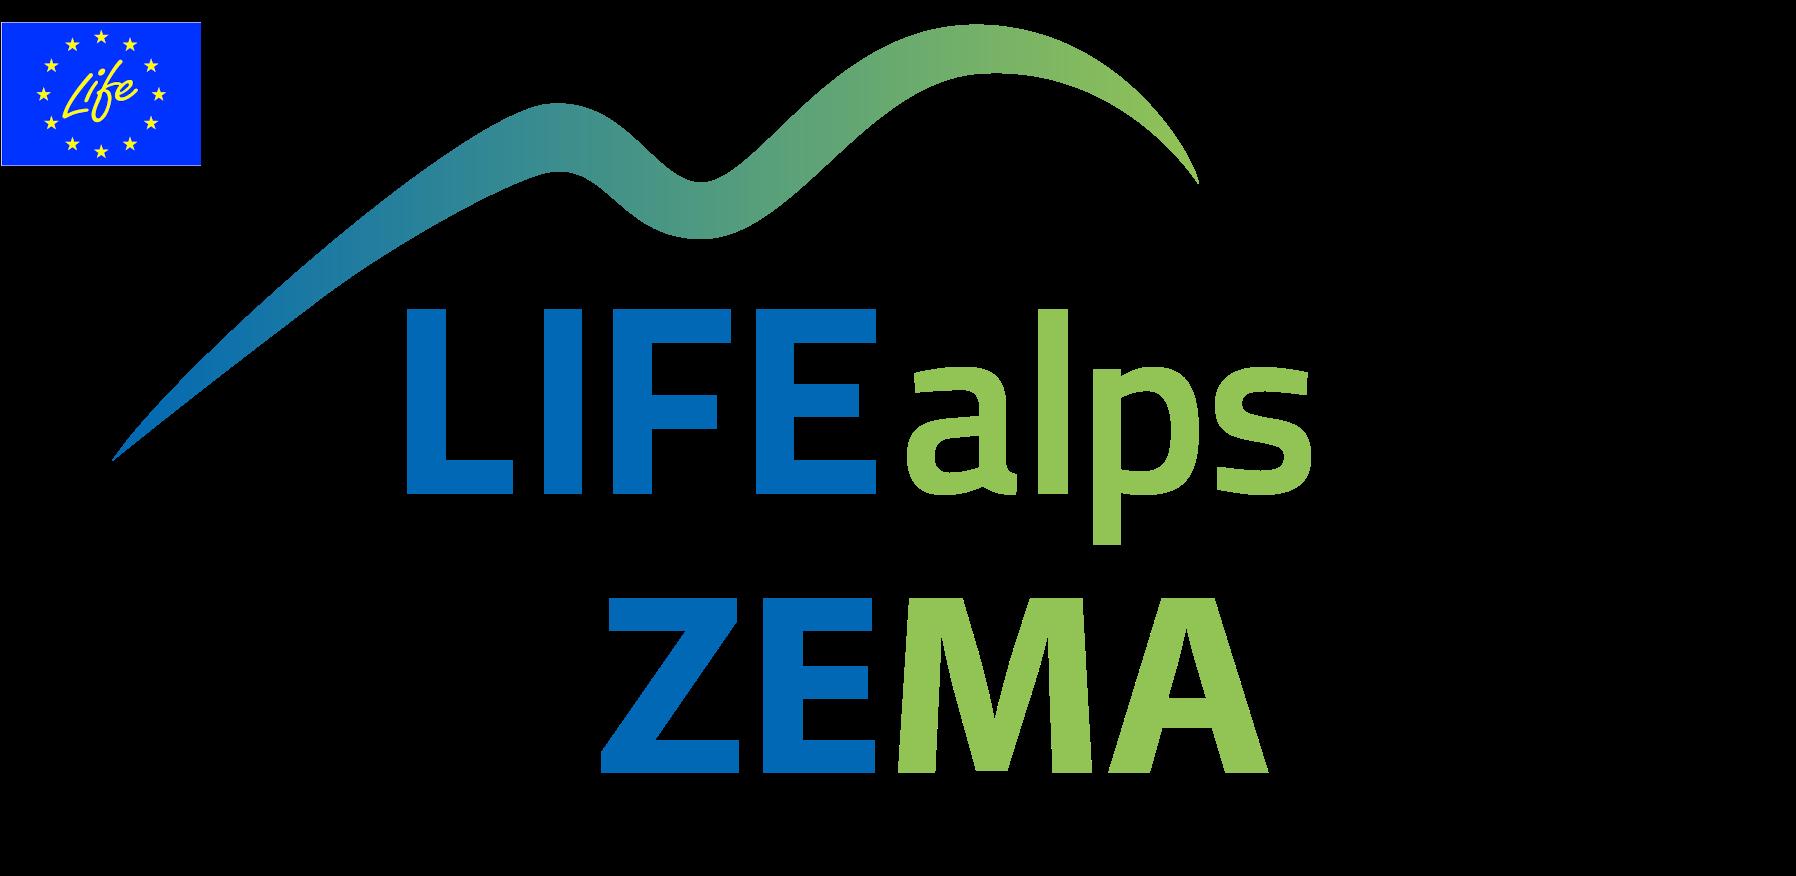 Life-alps zema